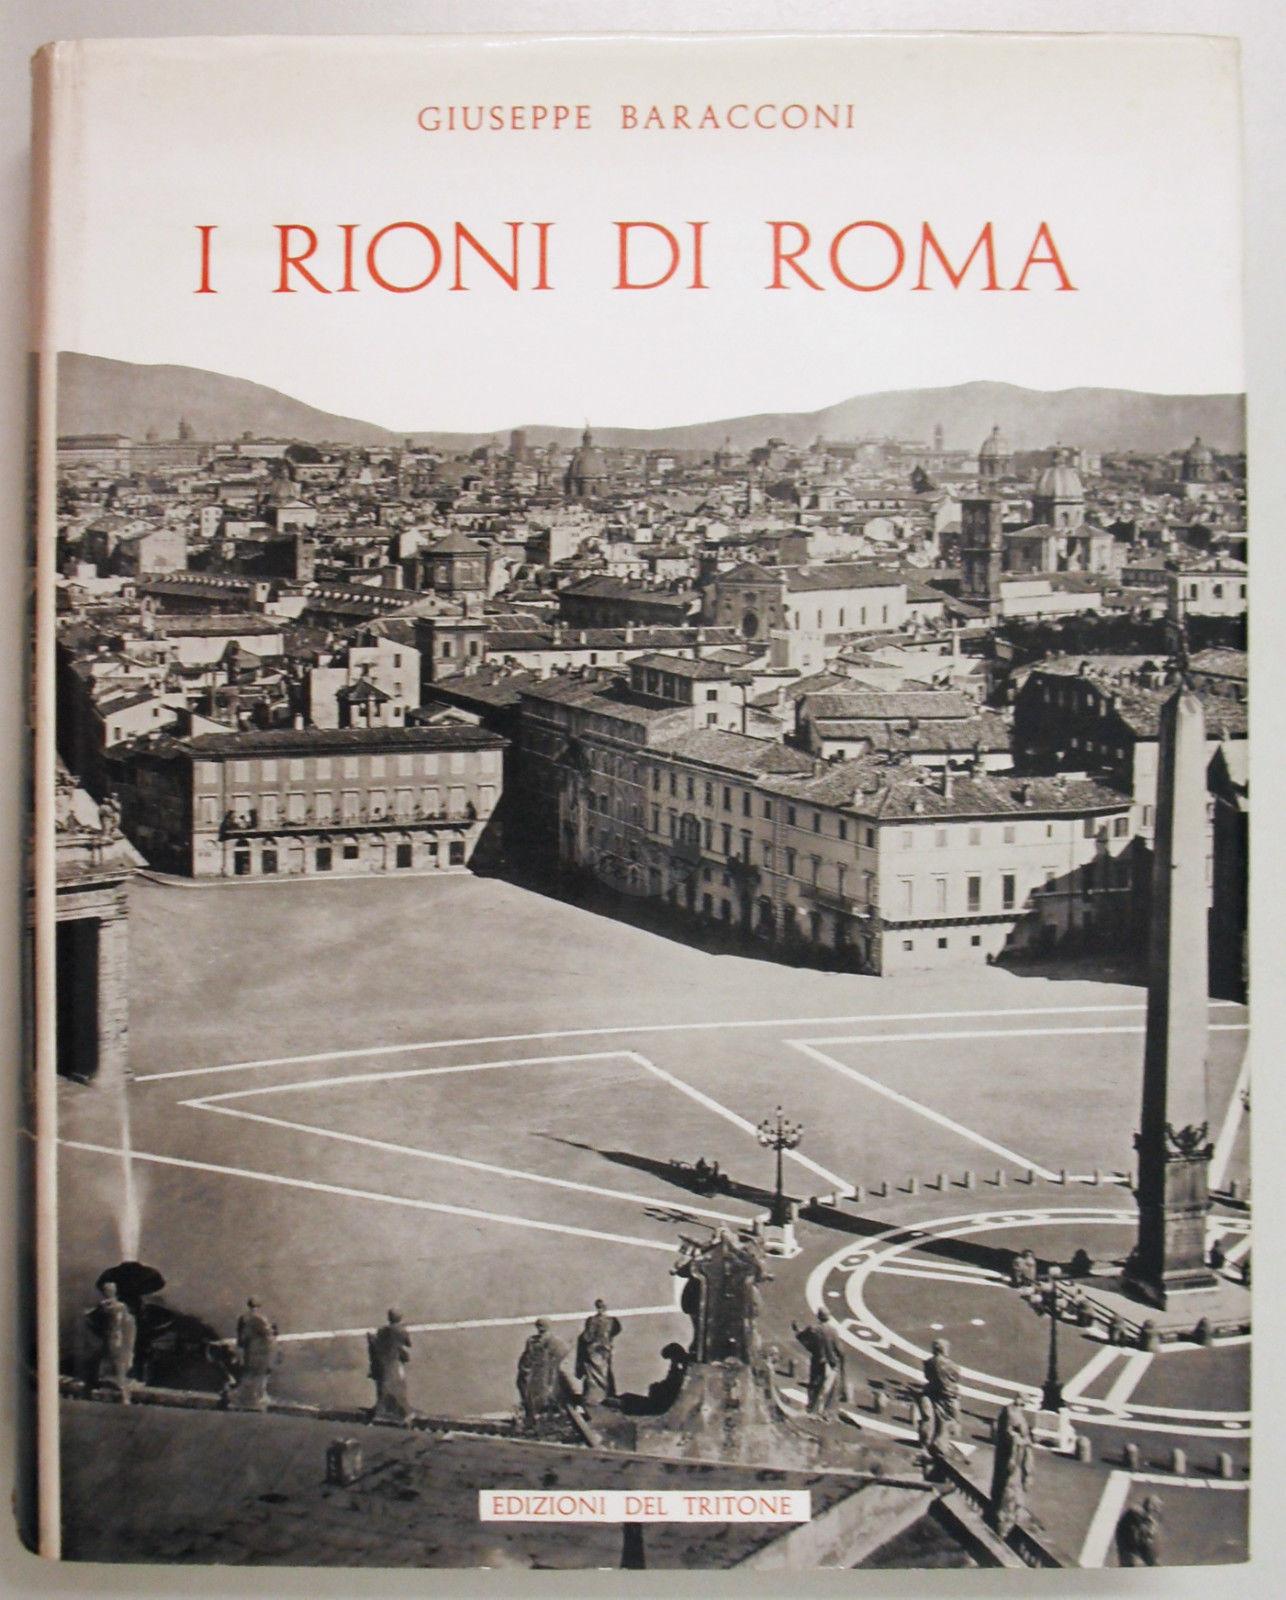 I rioni di roma giuseppe baracconi edizione di pregio for Di giuseppe arredamenti roma